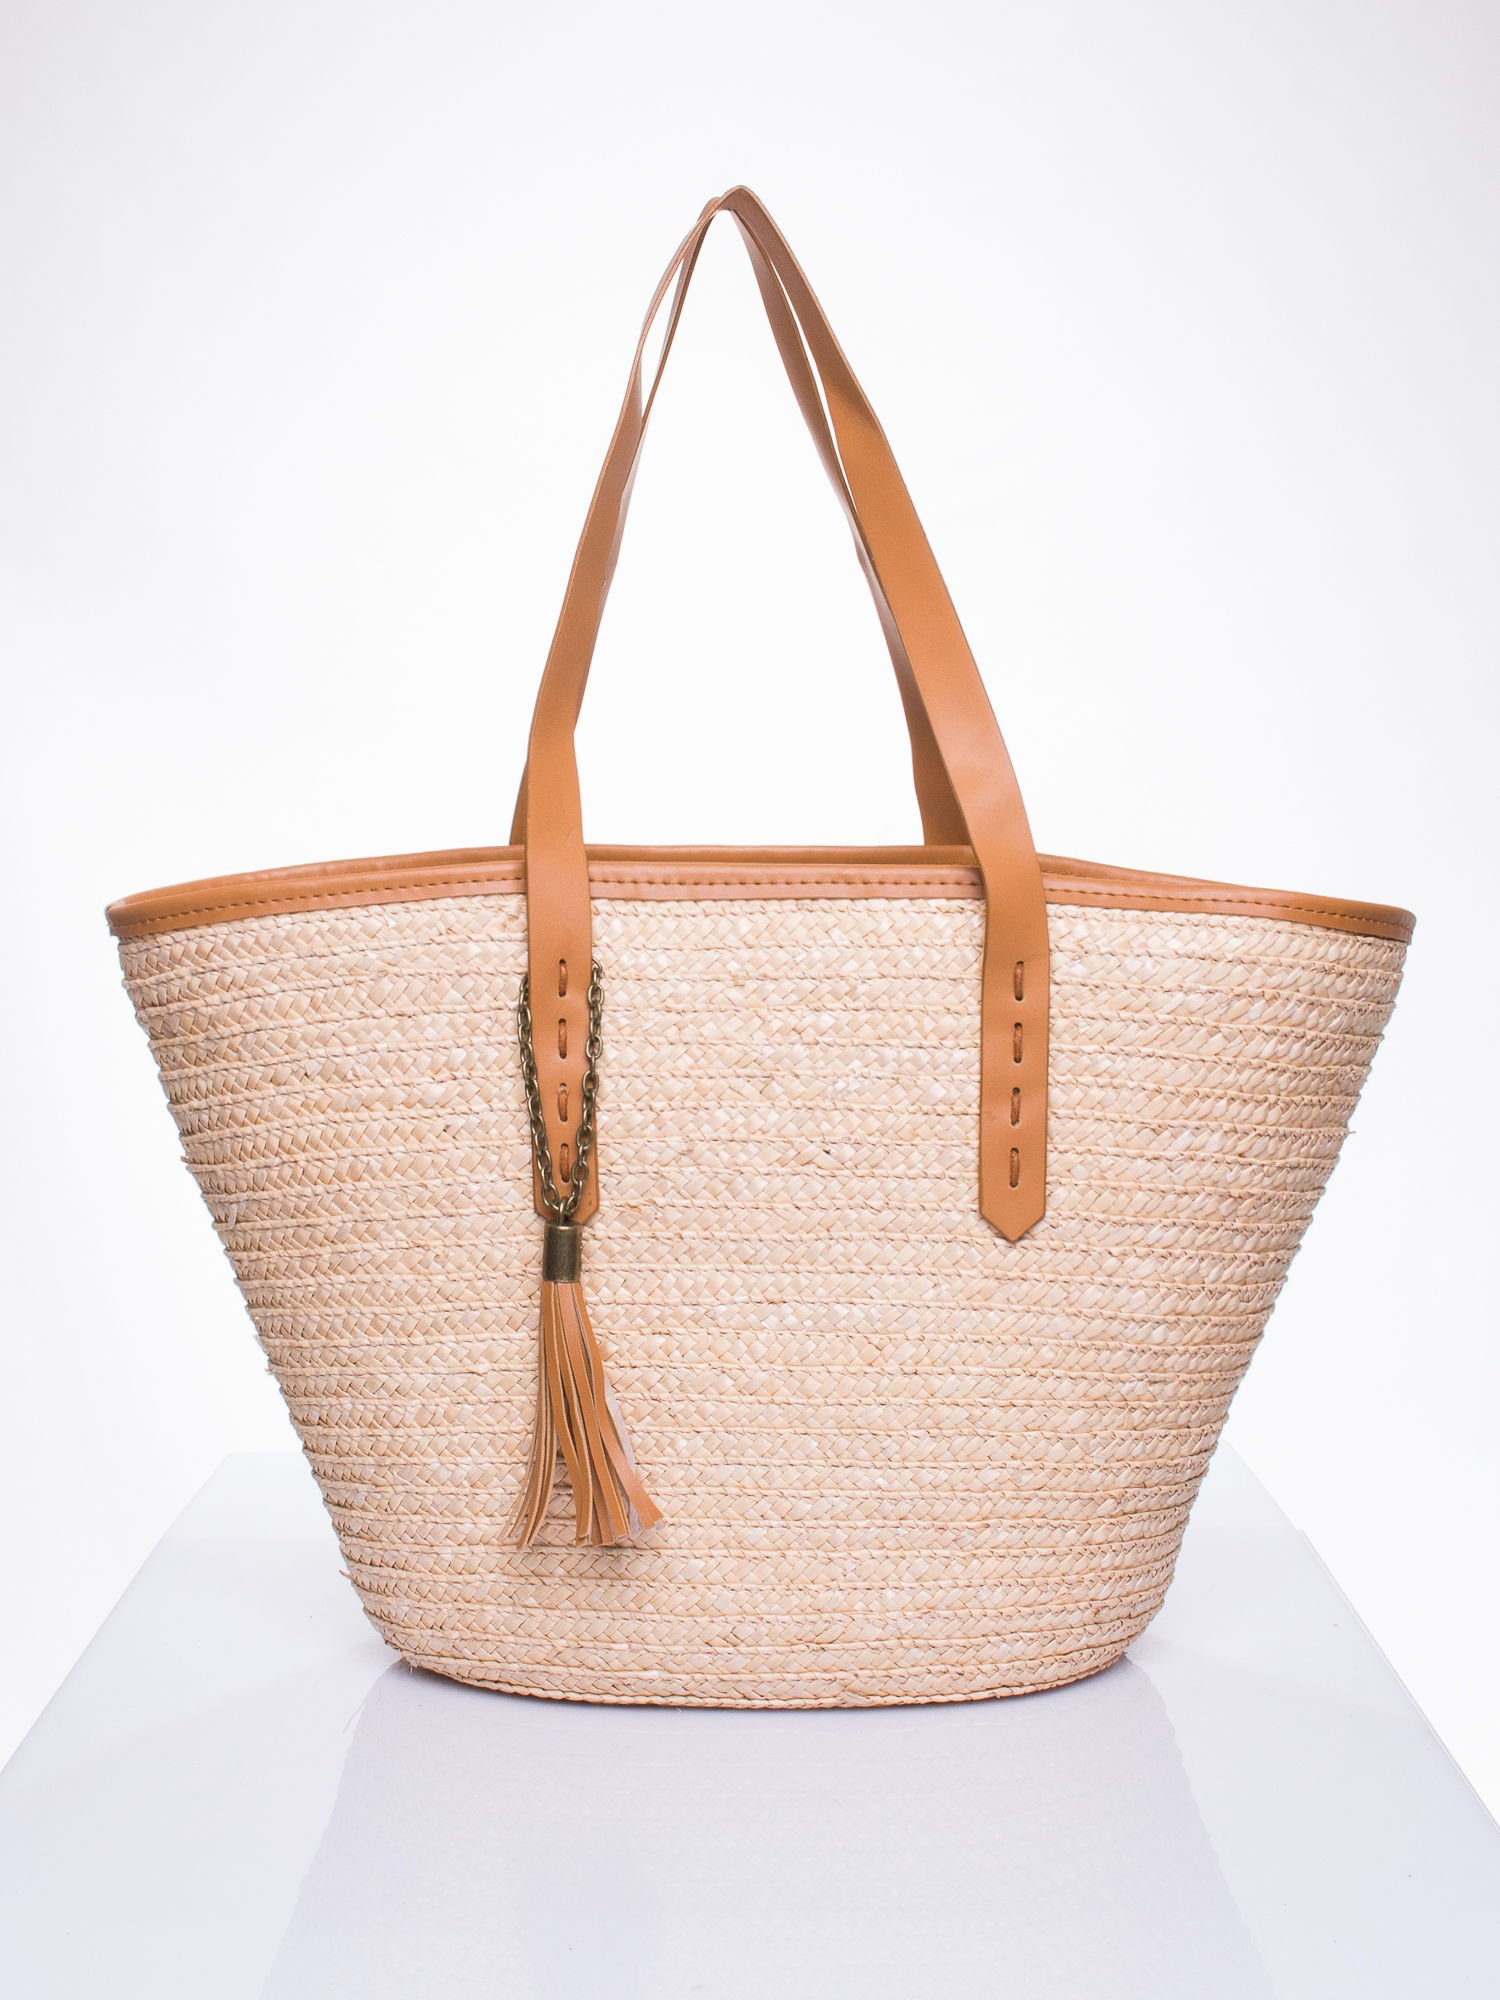 Beżowa torba koszyk plażowy ze skórzanymi rączkami                                  zdj.                                  2